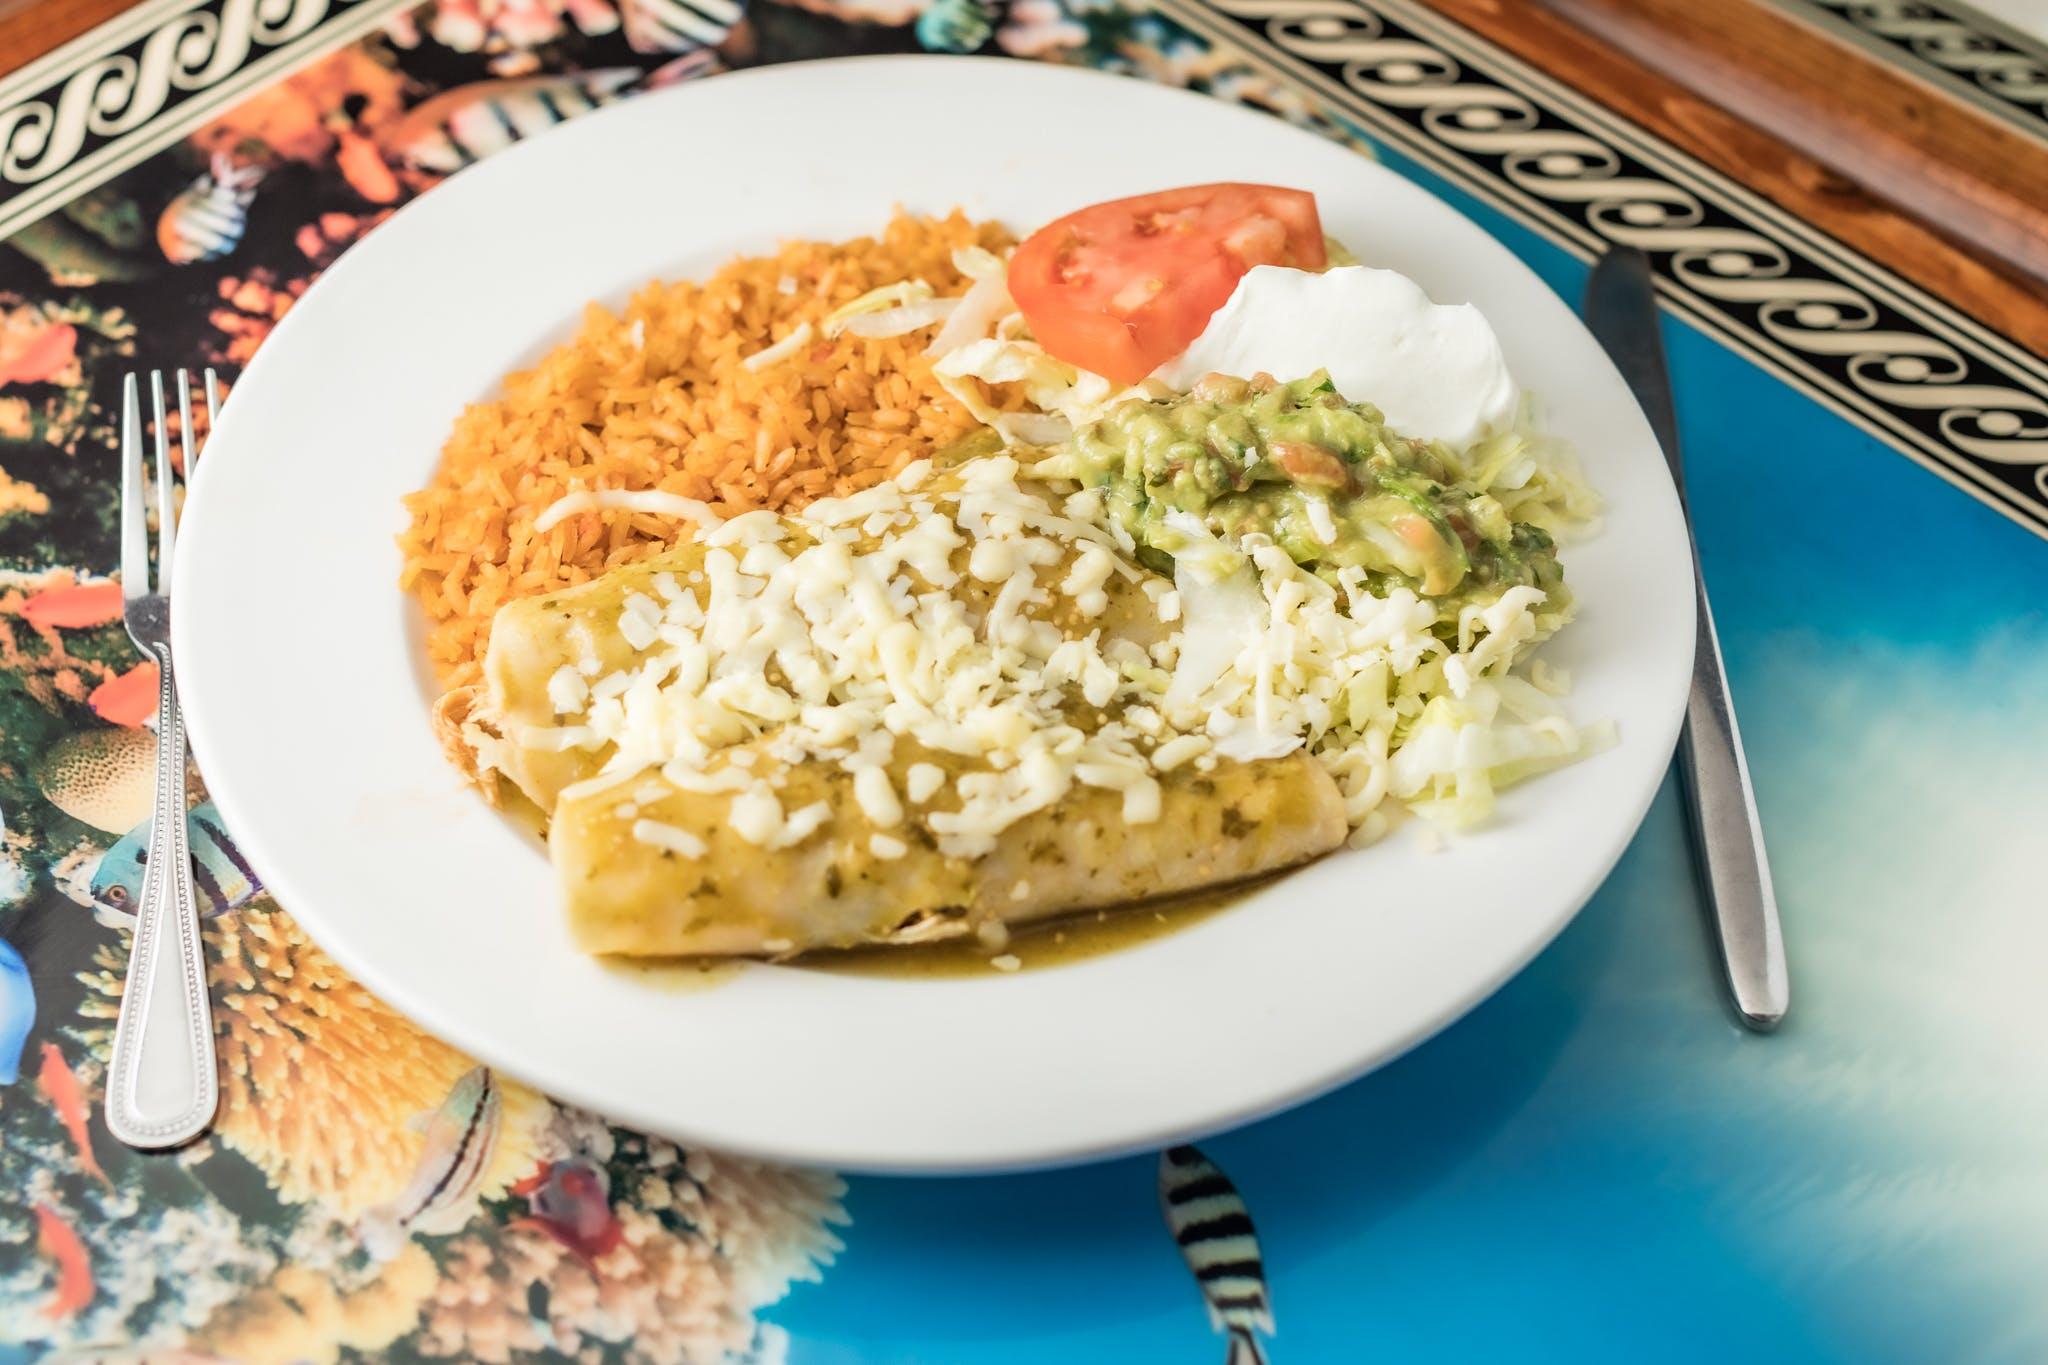 Enchiladas Verdes from Casa Vallarta Mexican Restaurant in Eau Claire, WI